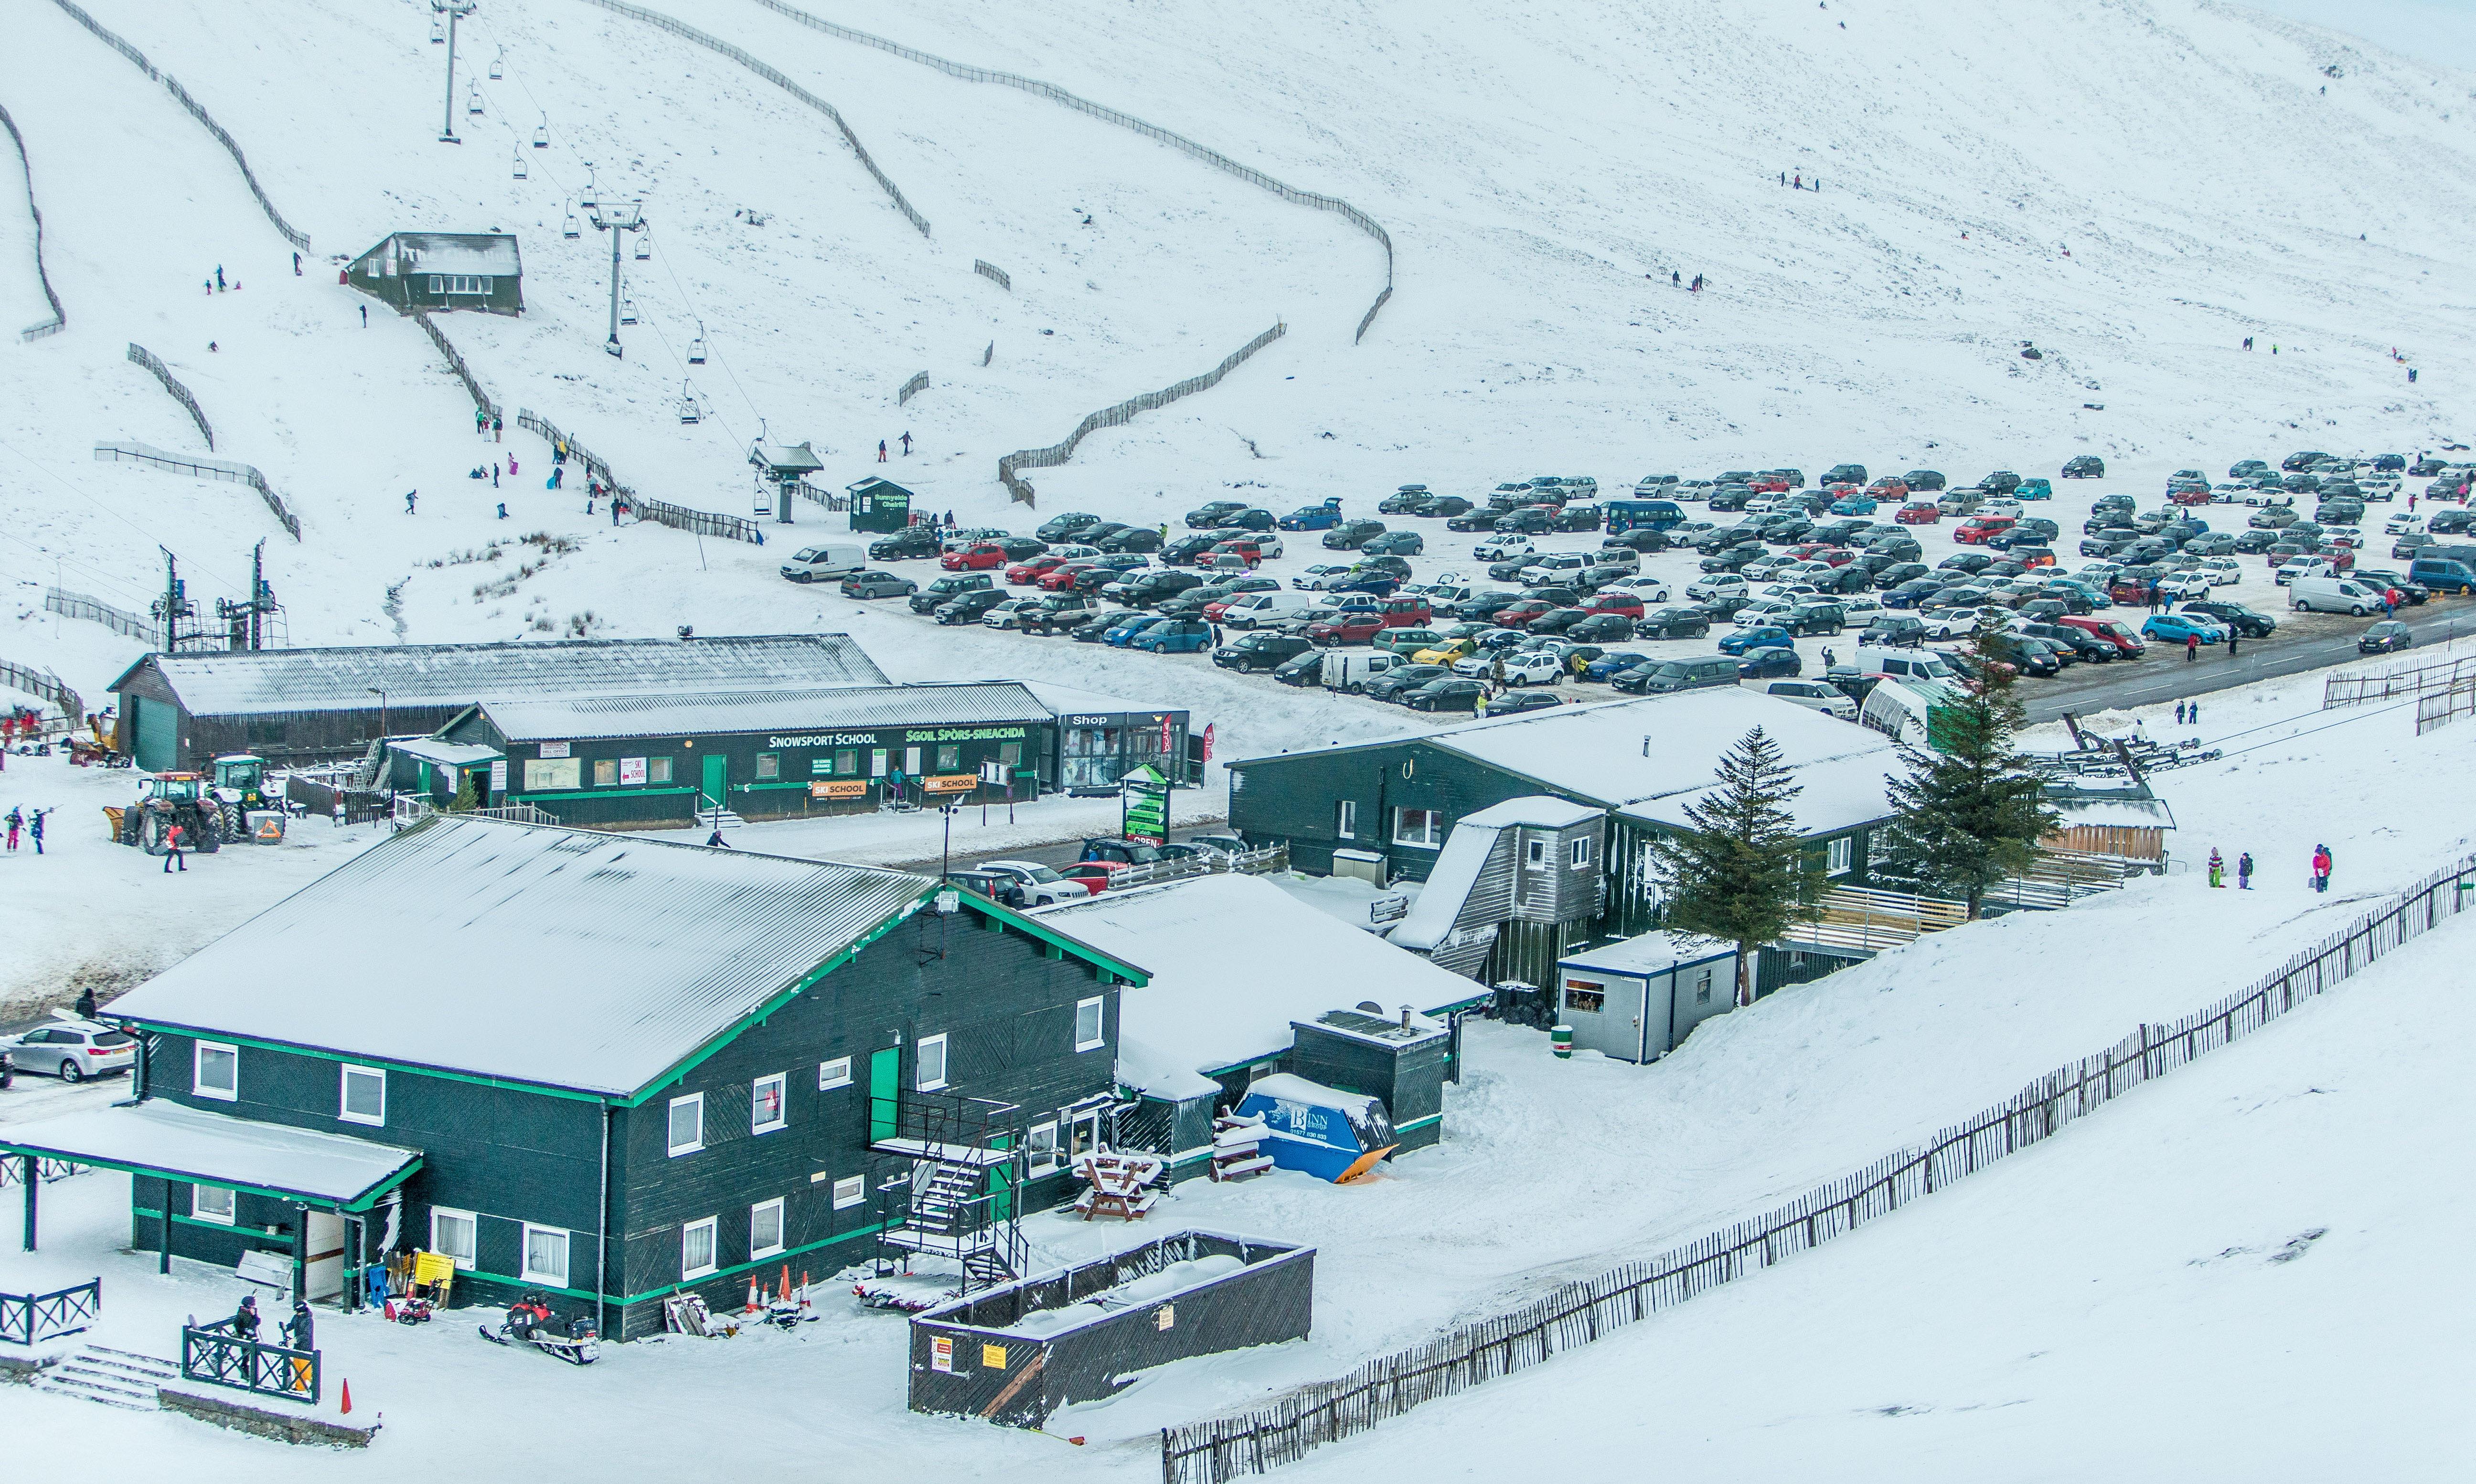 Glenshee Ski Centre in January 2018.